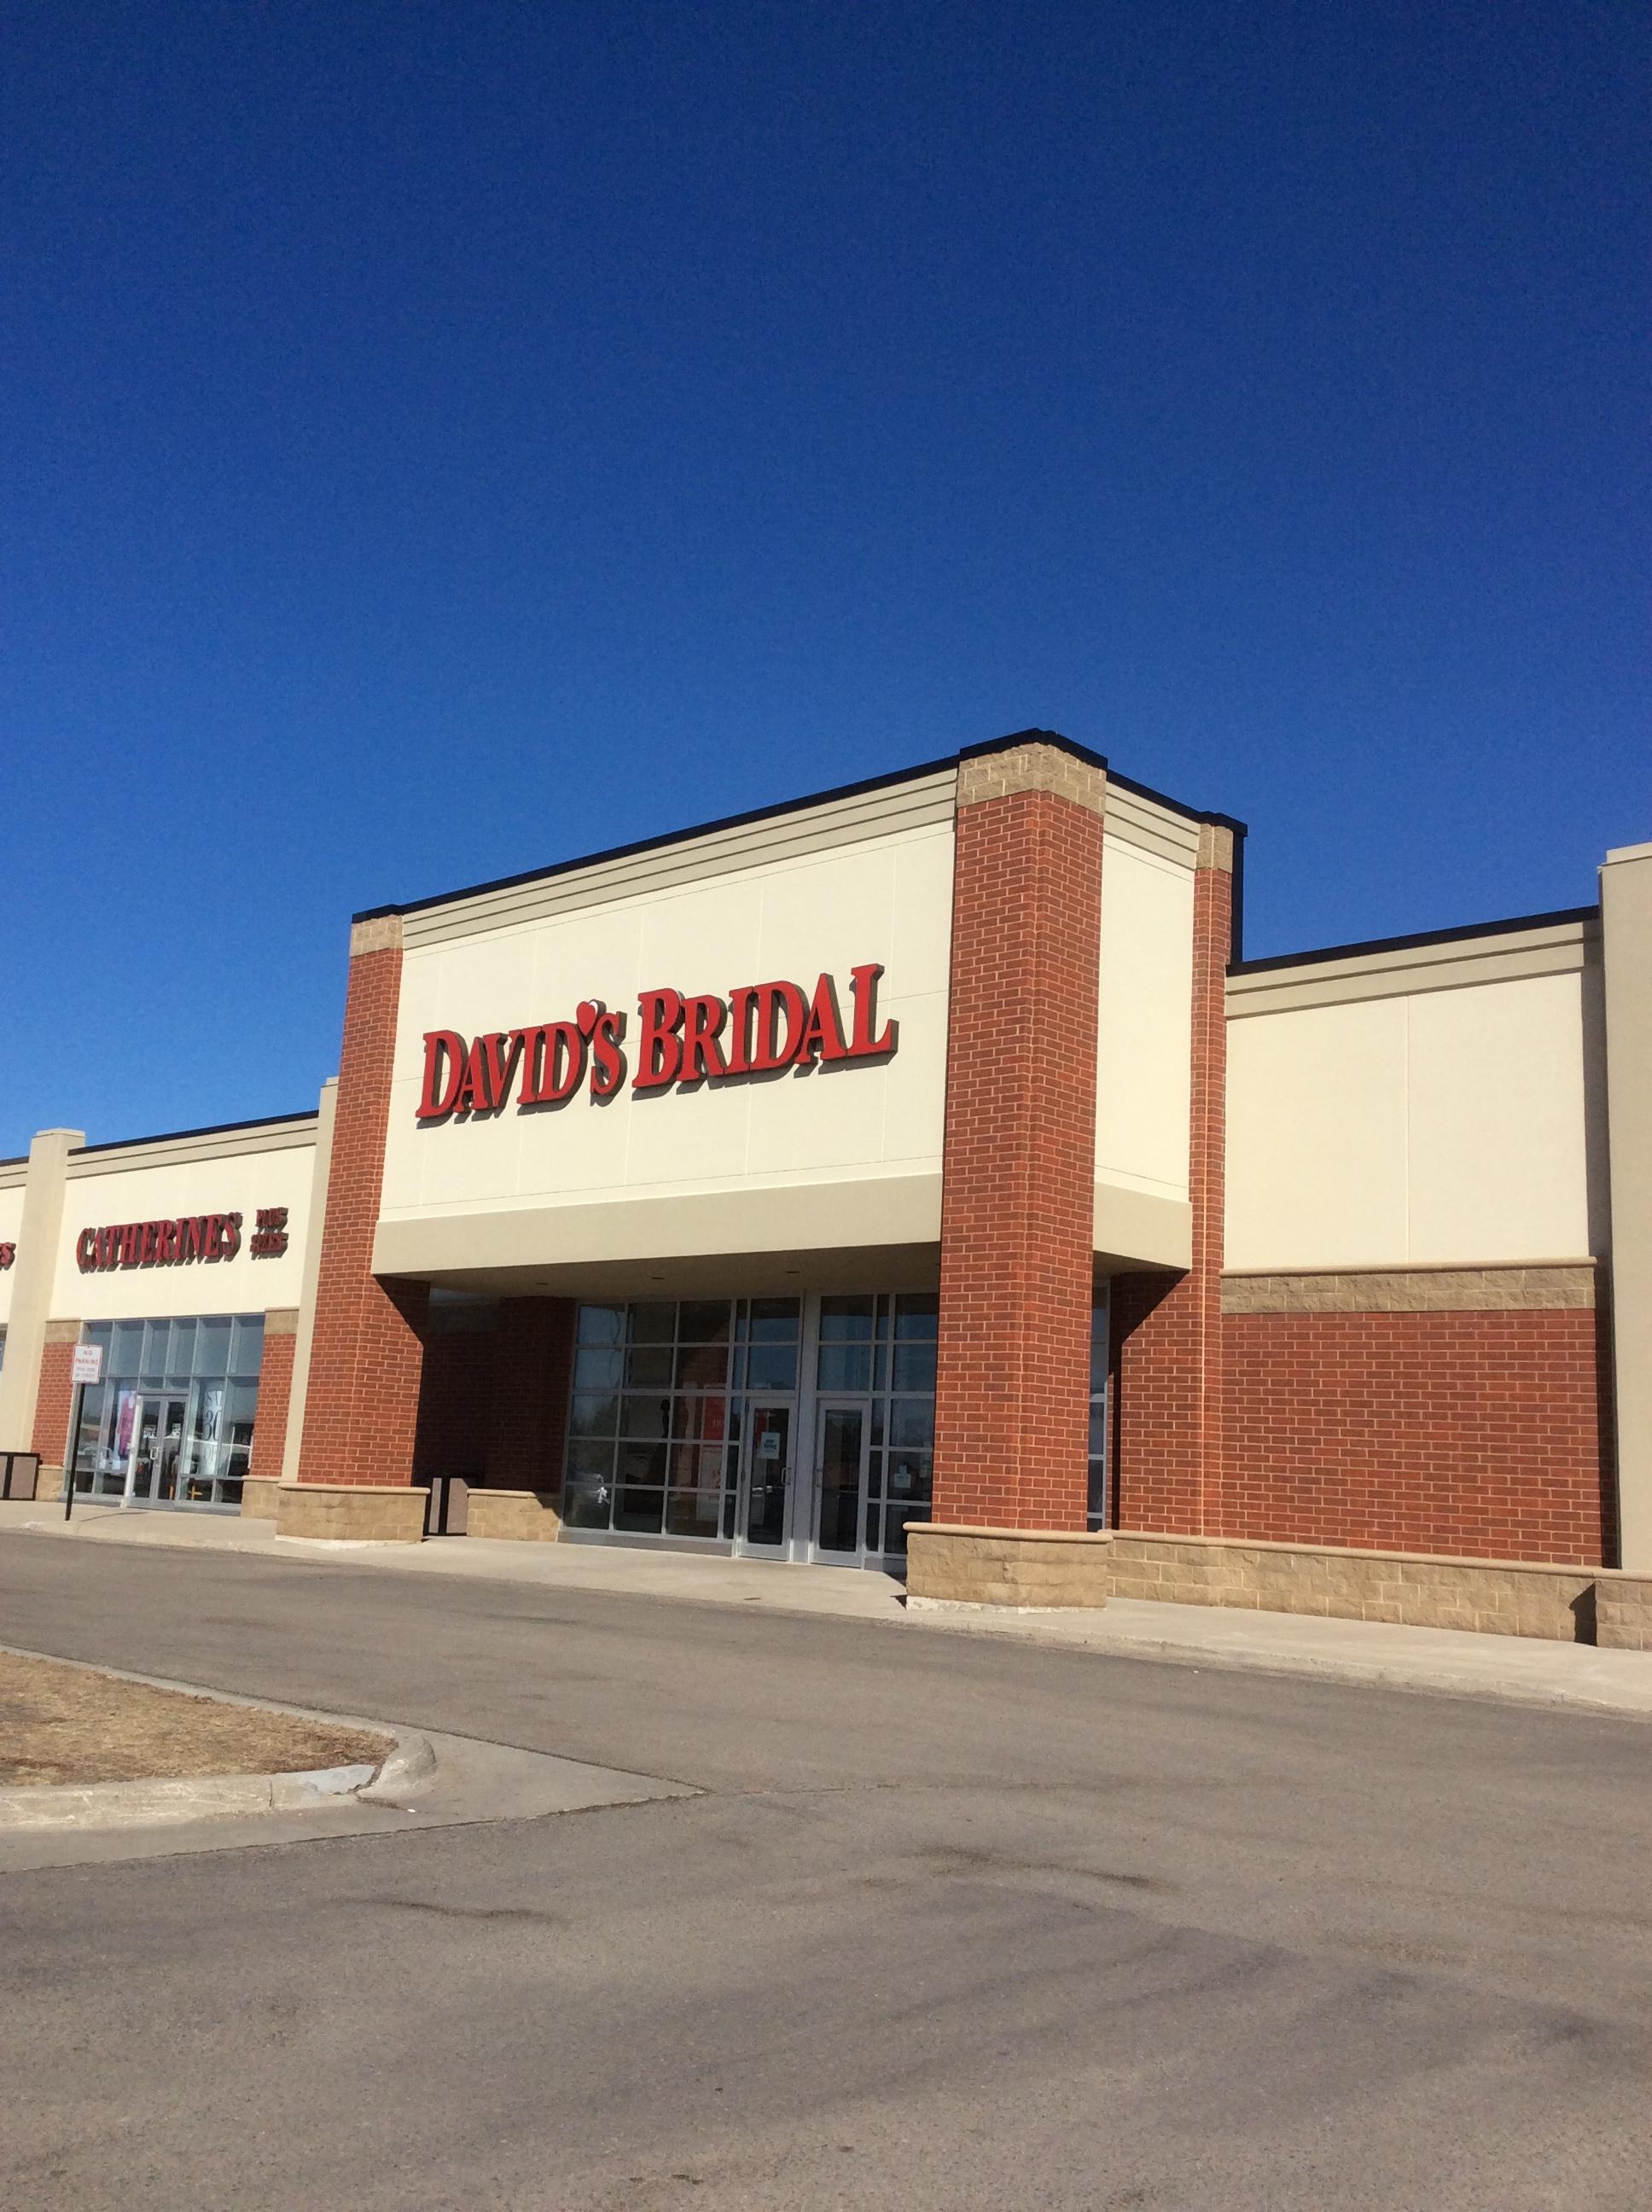 c5181074325e David's Bridal 1500 13th Avenue East, Suite E Westgate Commons West Fargo,  ND Partner Data Program - Mapquest - David's Bridal - MapQuest